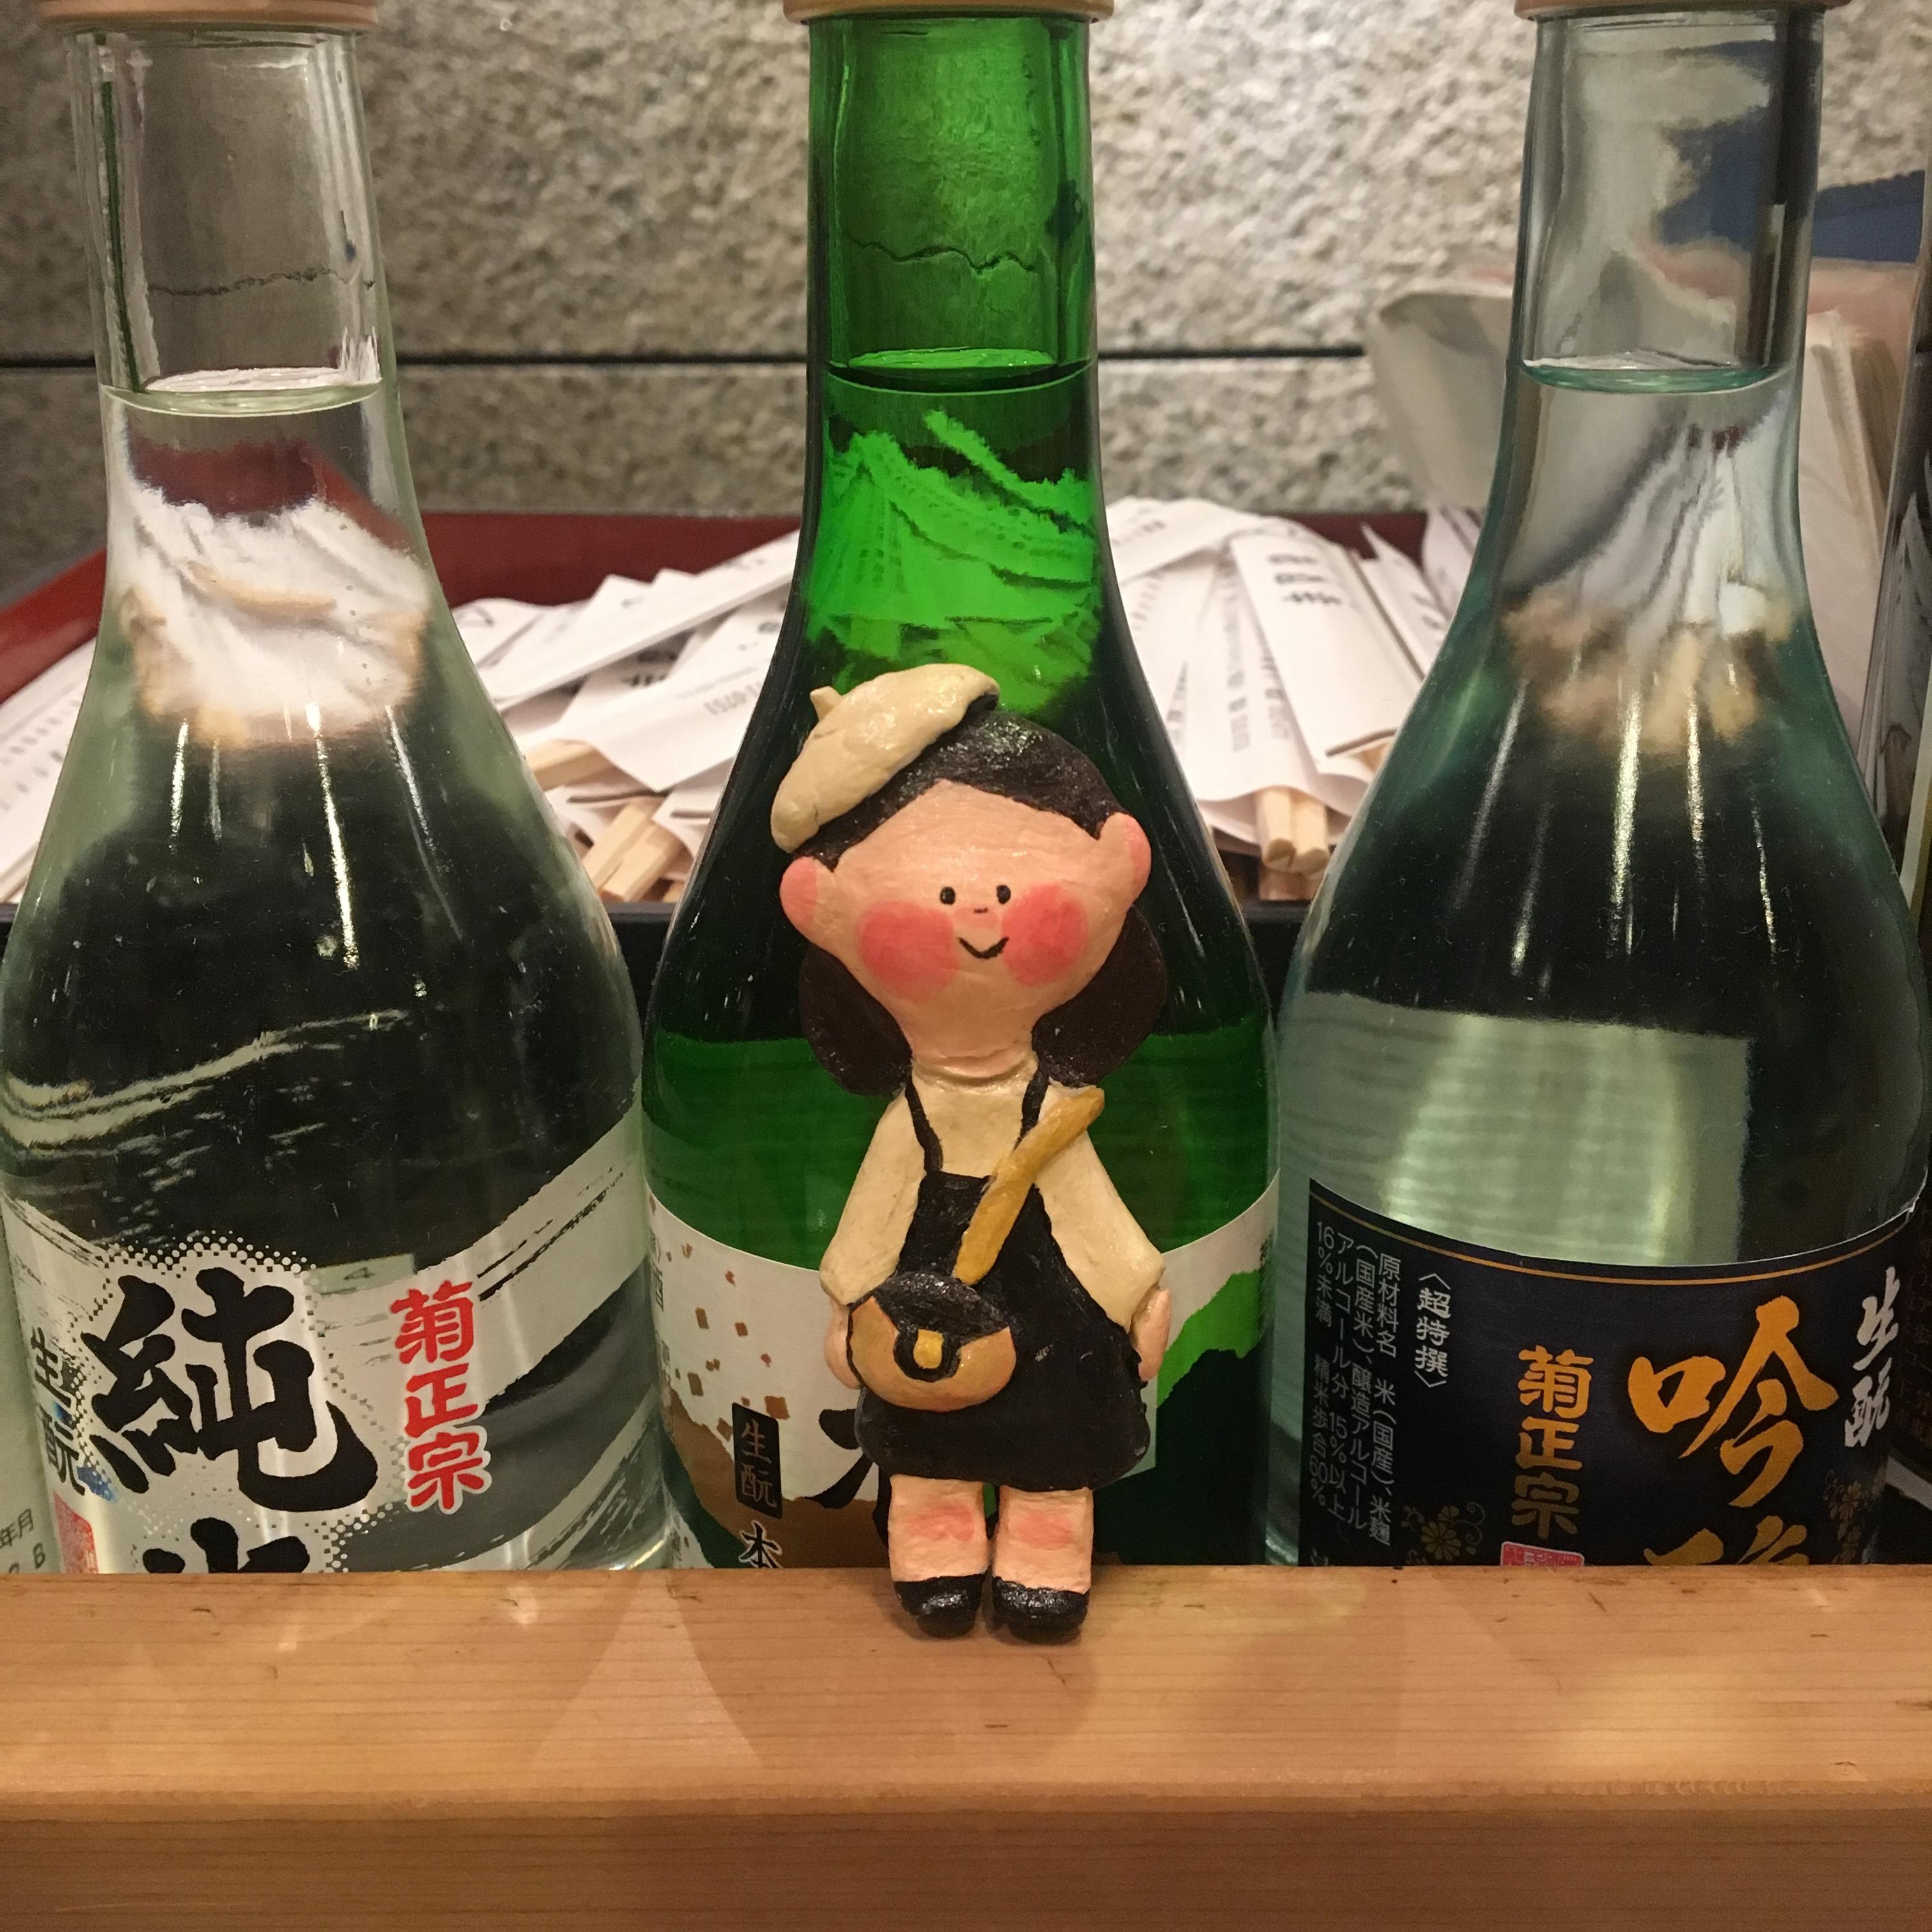 XU in Japan